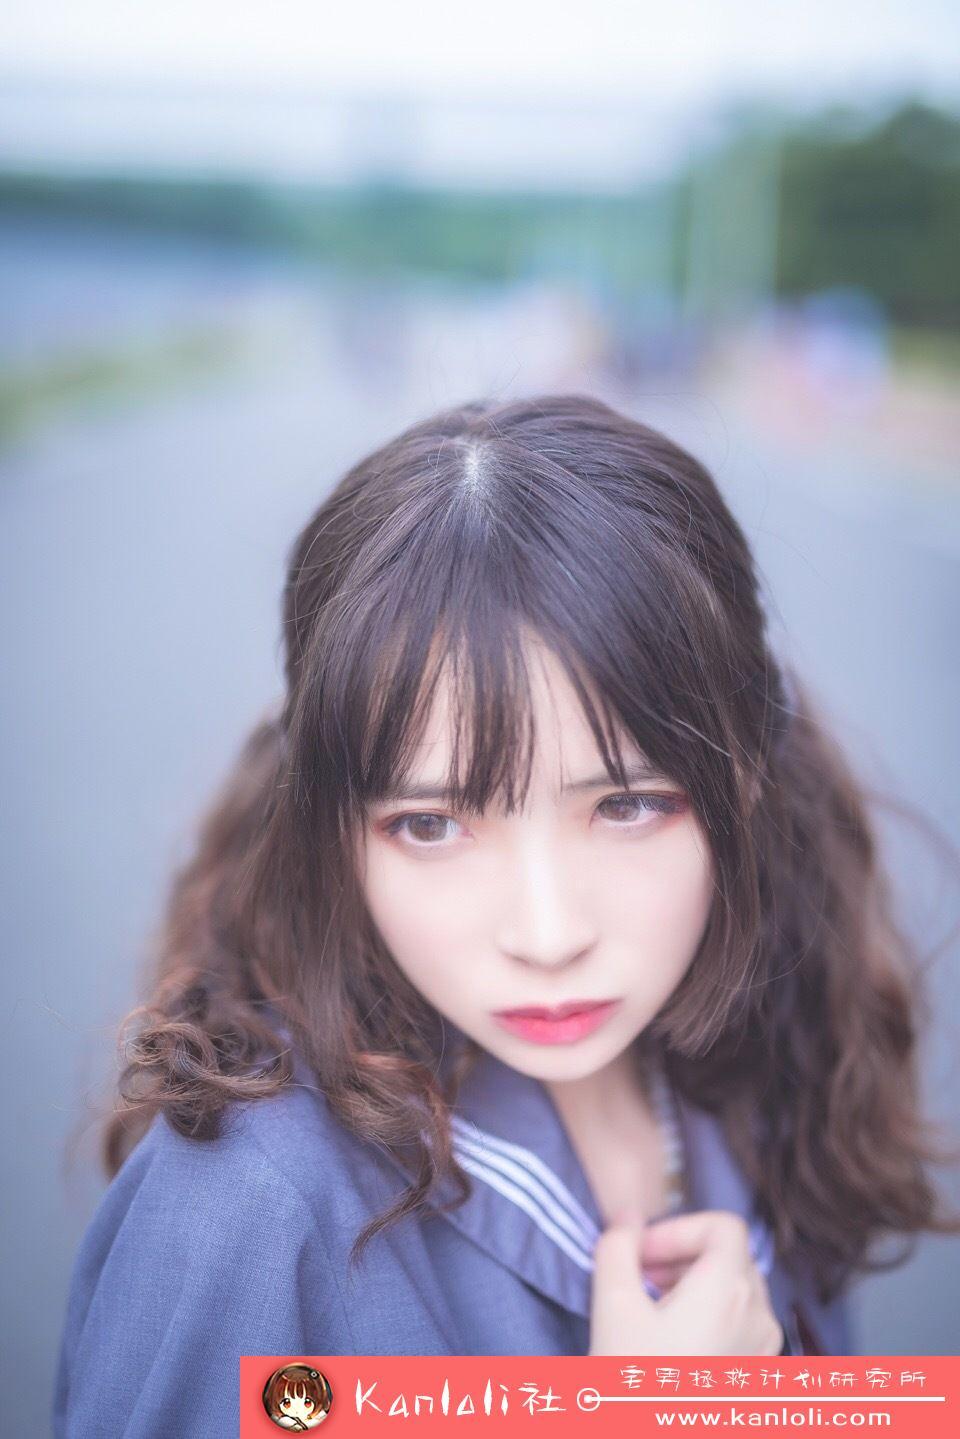 【疯猫ss】疯猫ss写真-FM-011 马路上的靓丽风景线 [12P]